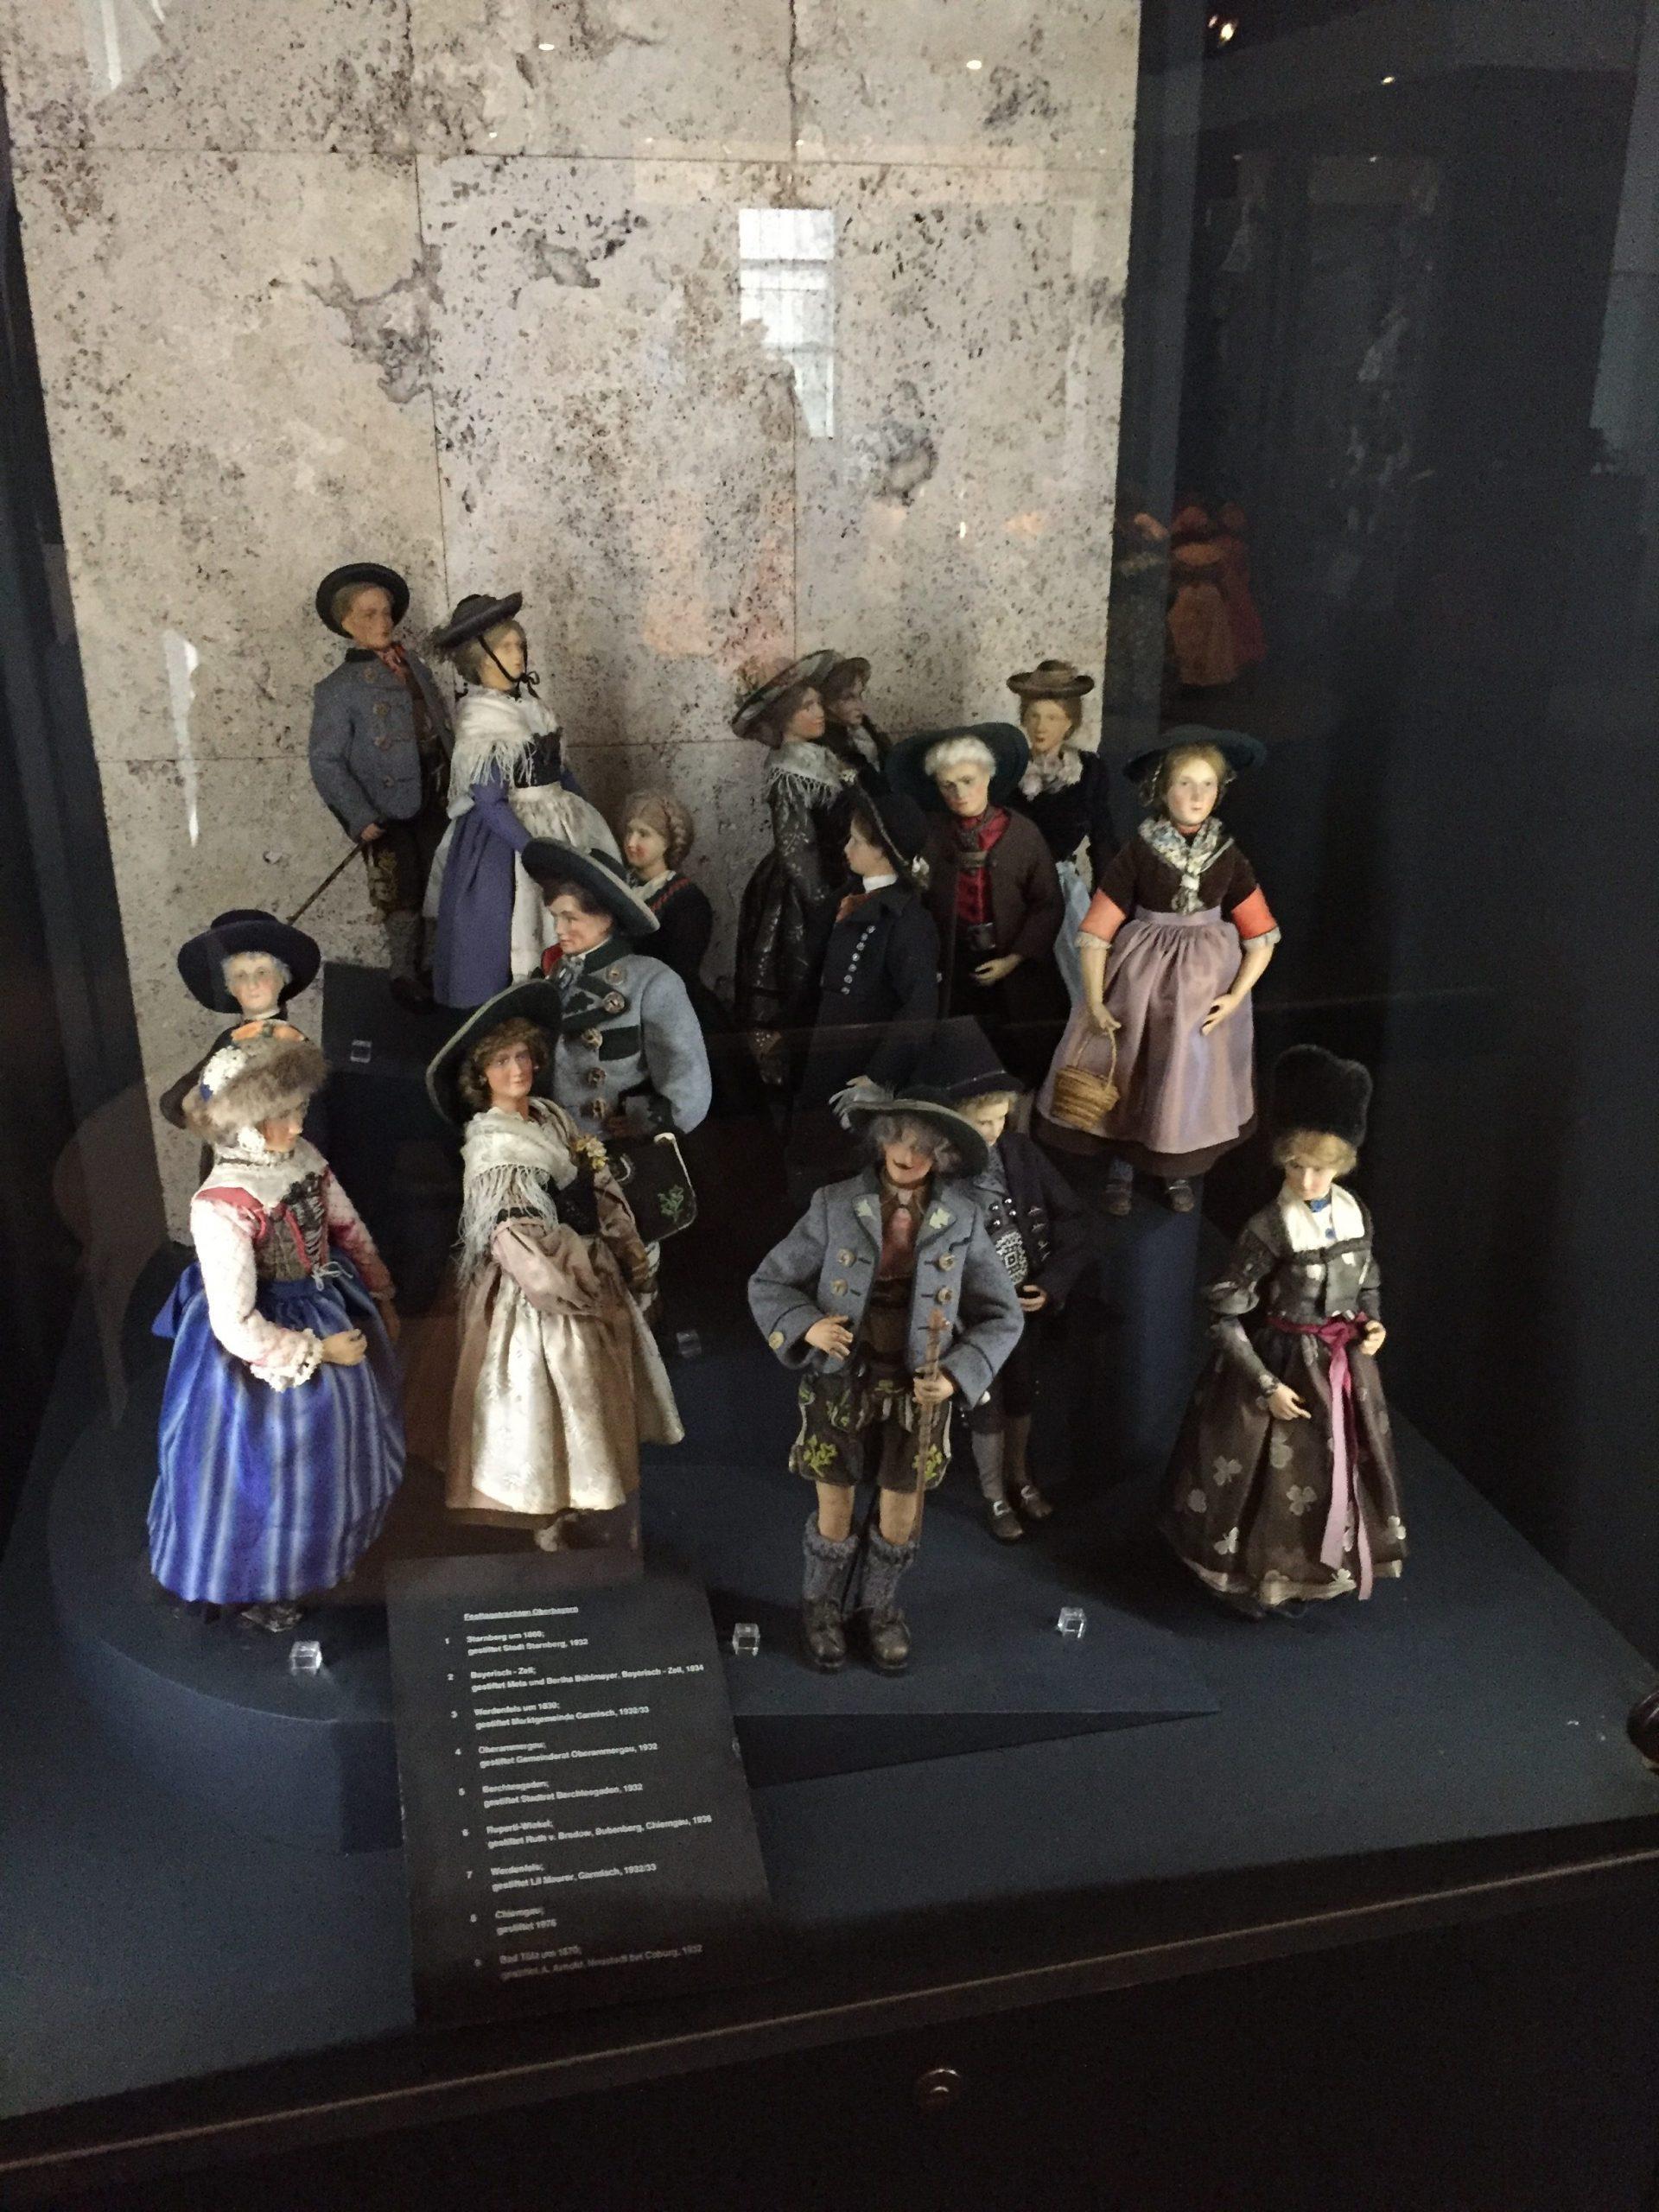 Natürlich auch traditionelle deutsche Figuren